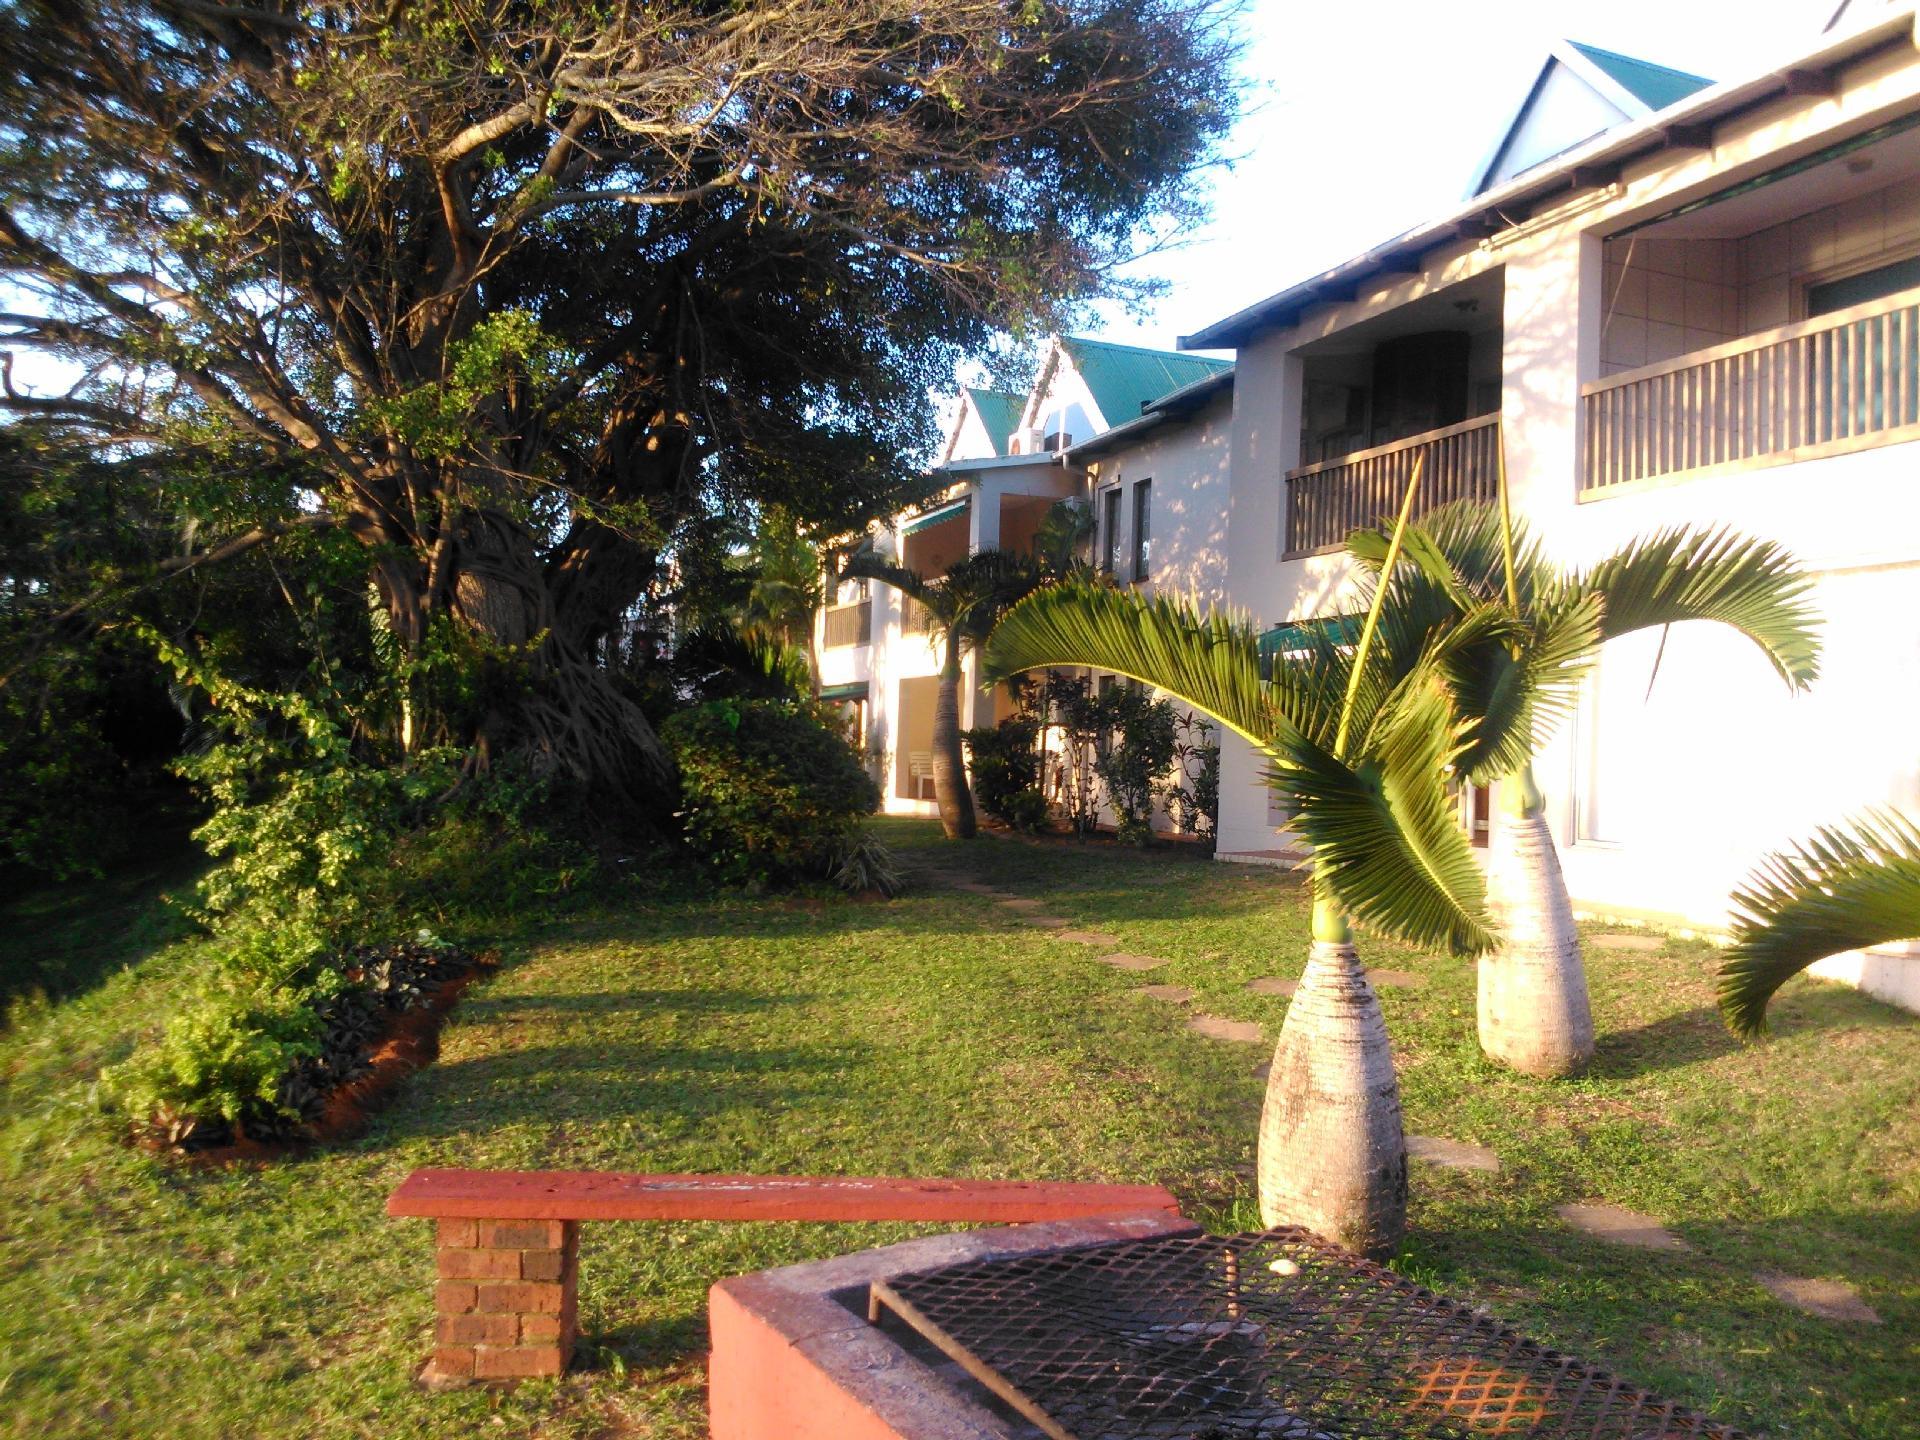 Ferienwohnung für 6 Personen ca. 89 m² i  in Südafrika